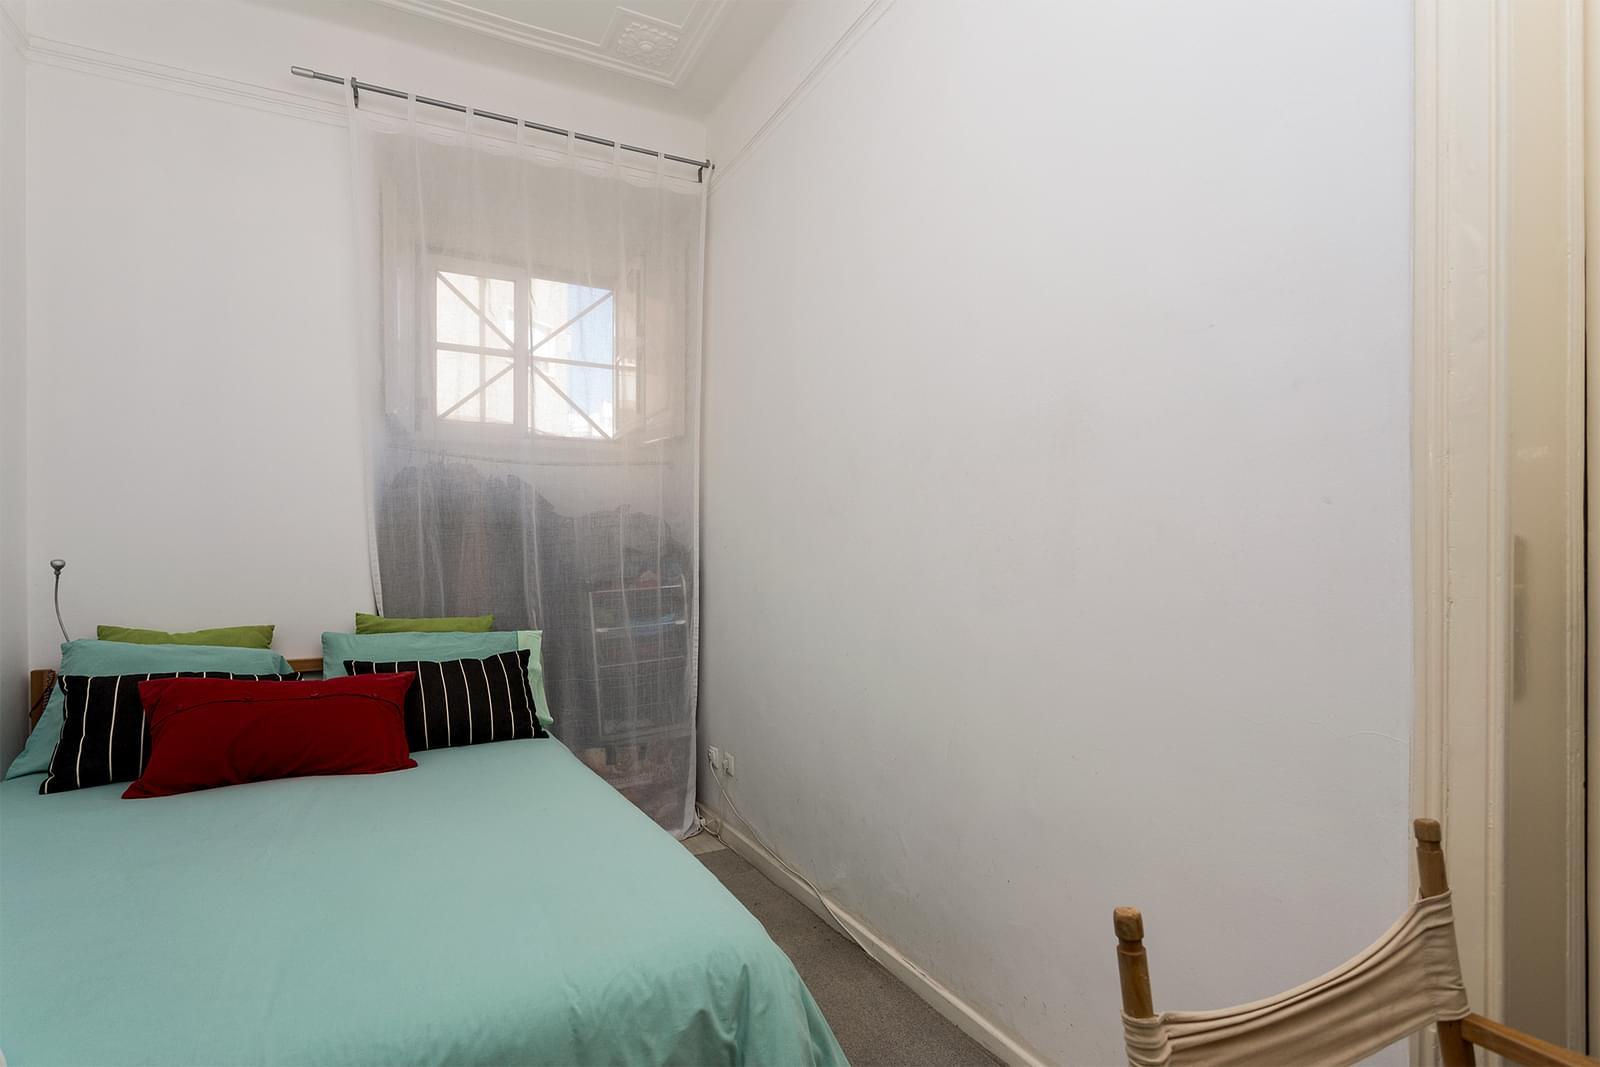 pf17379-apartamento-t3-lisboa-3ef3d055-ee87-4edd-90cc-4b6f872efcd5